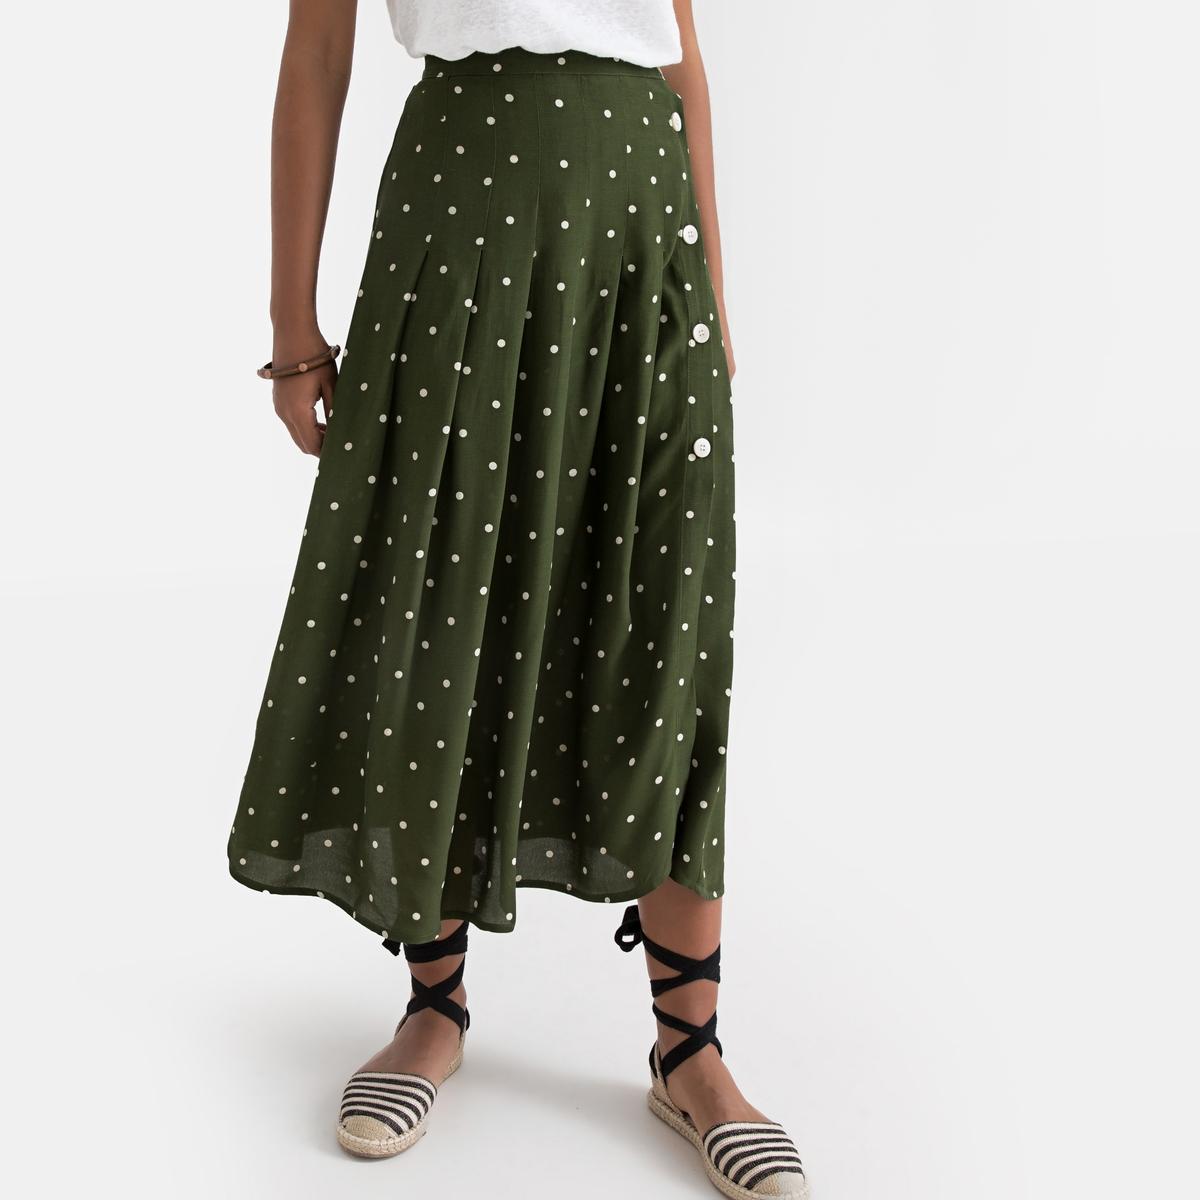 Falda midi, estampado de lunars